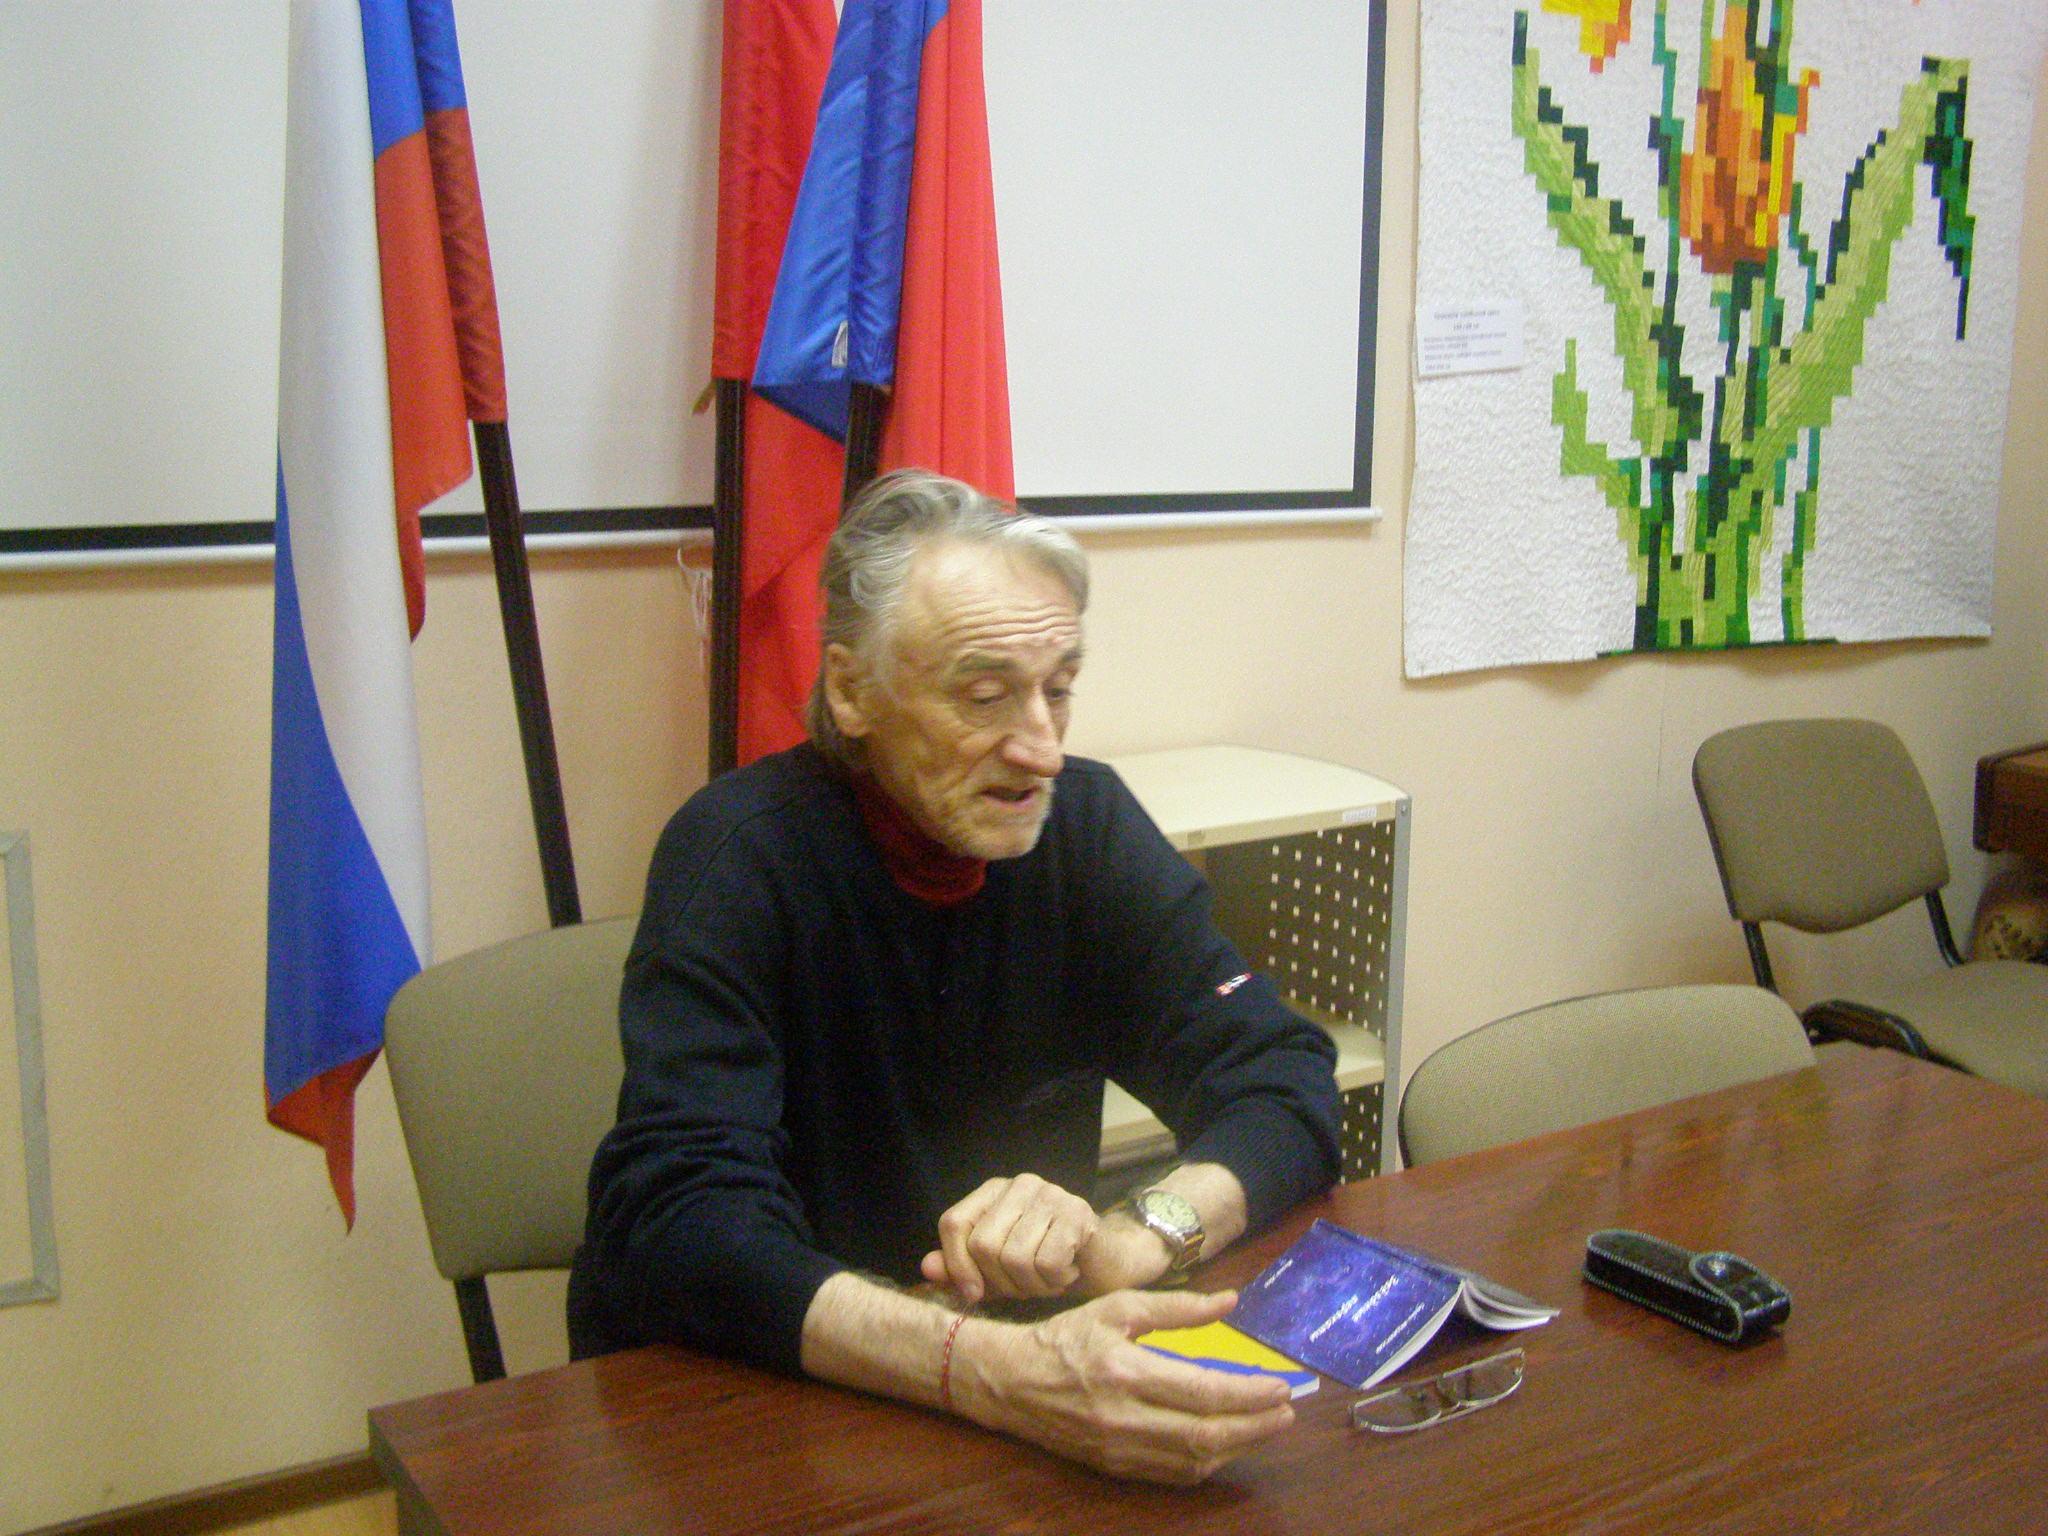 """Заседание ЛИТО \""""Ладога\"""", руководитель В. Кузнецов. Присутствовало 10 человек.-1"""